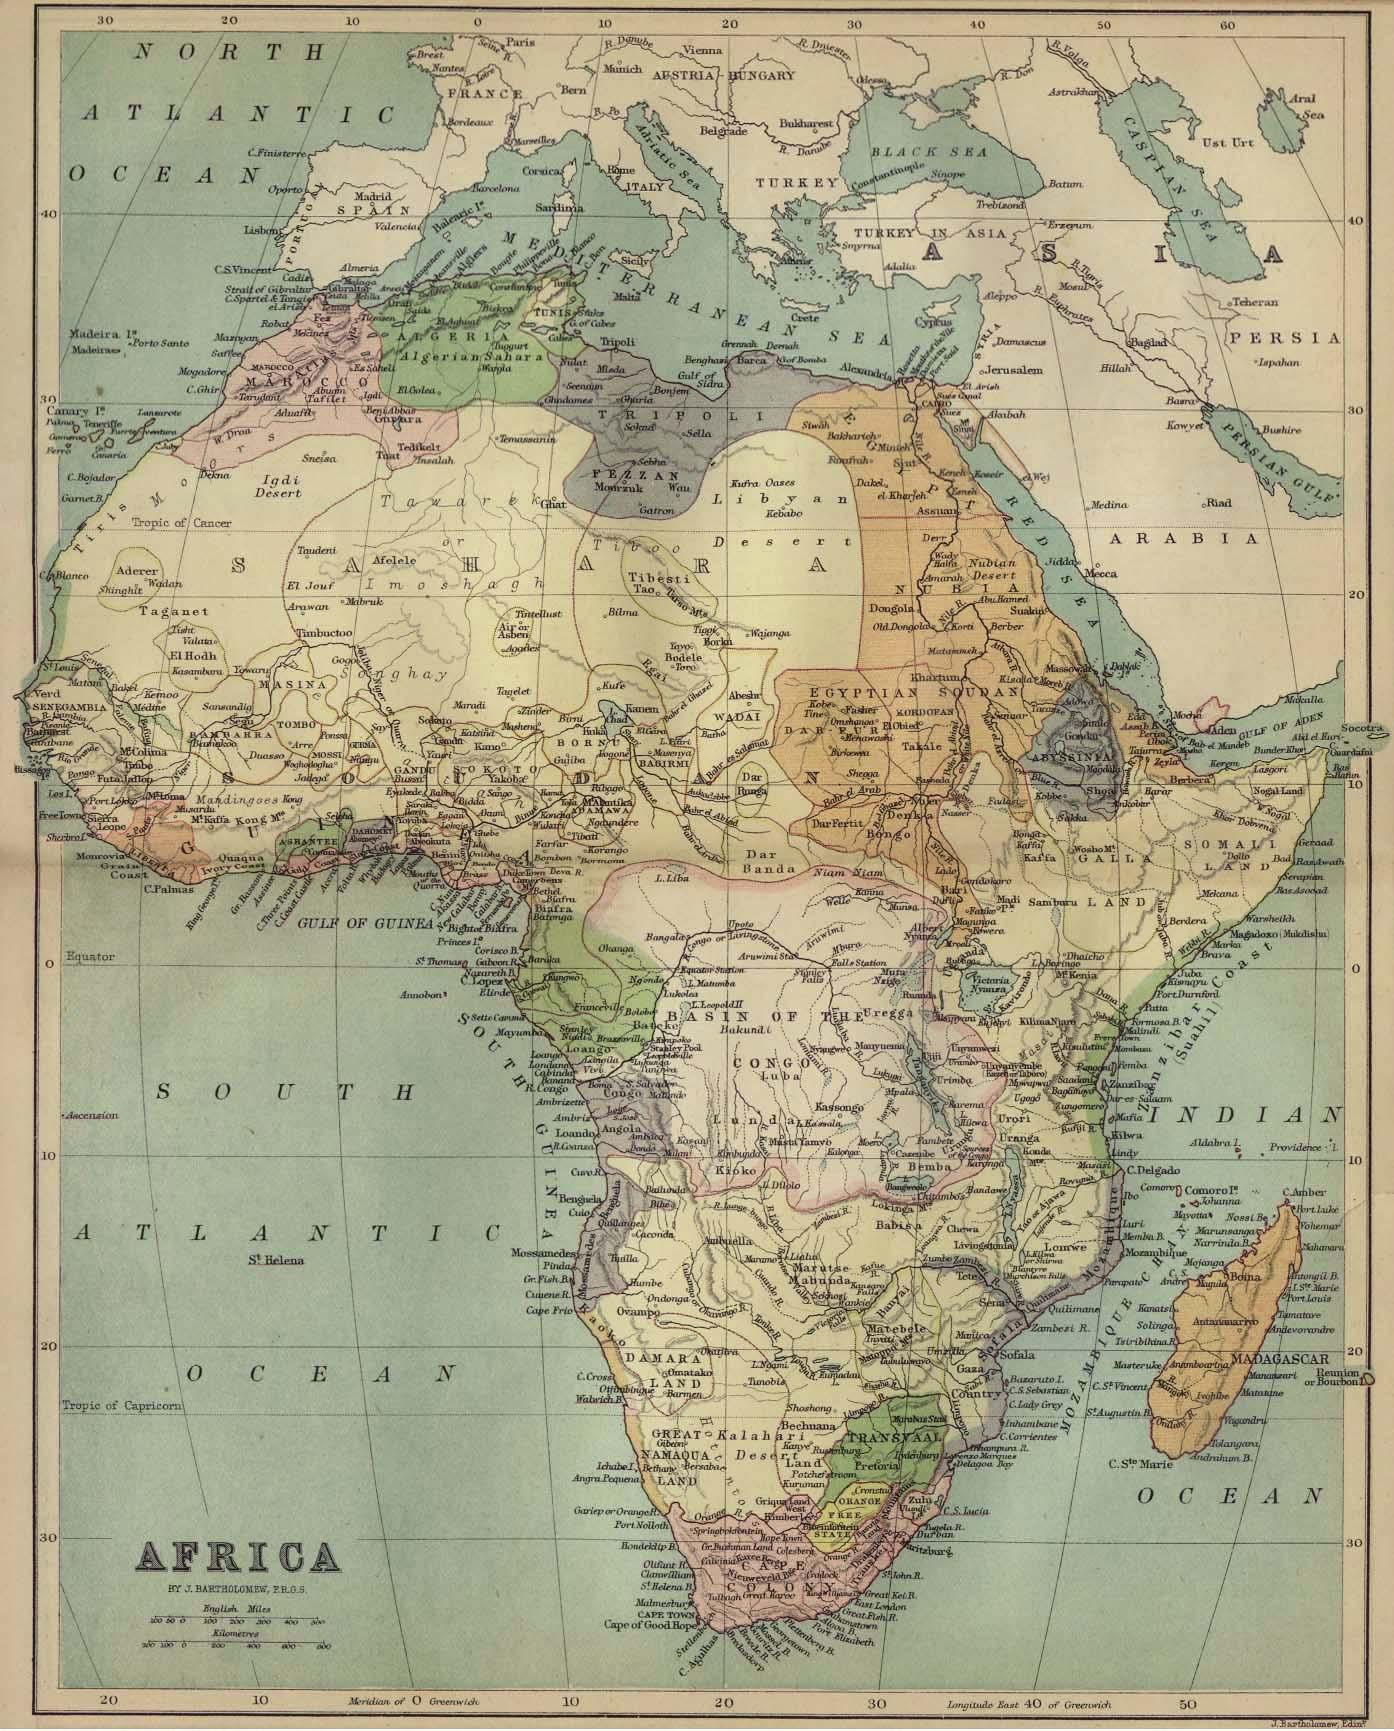 File:Africa 1885 Bartholomew.   Wikimedia Commons